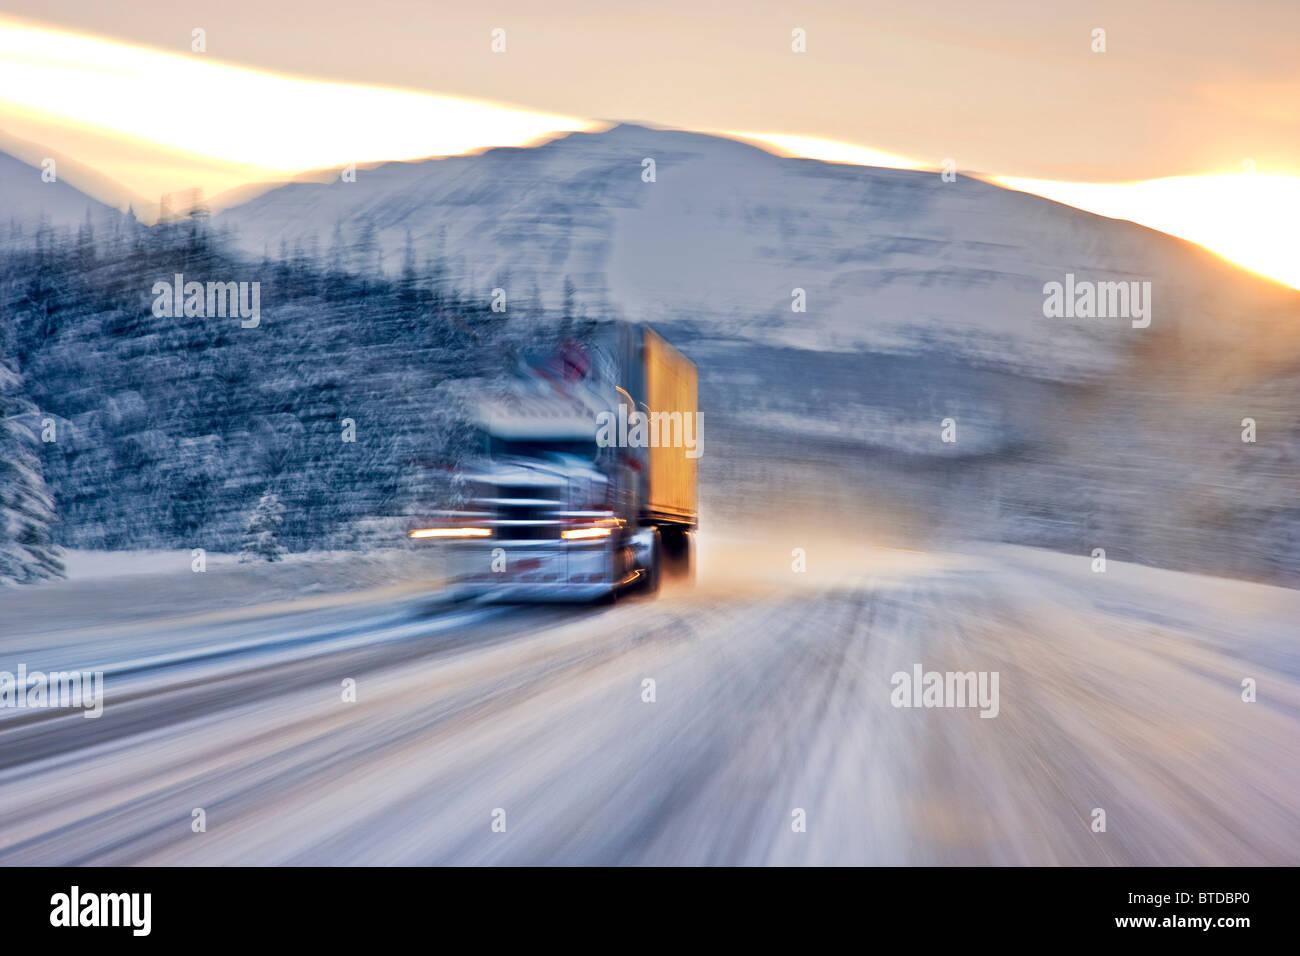 Semi carrello guida su snowcovered Seward Highway presso sunrise, centromeridionale Alaska, inverno Foto Stock